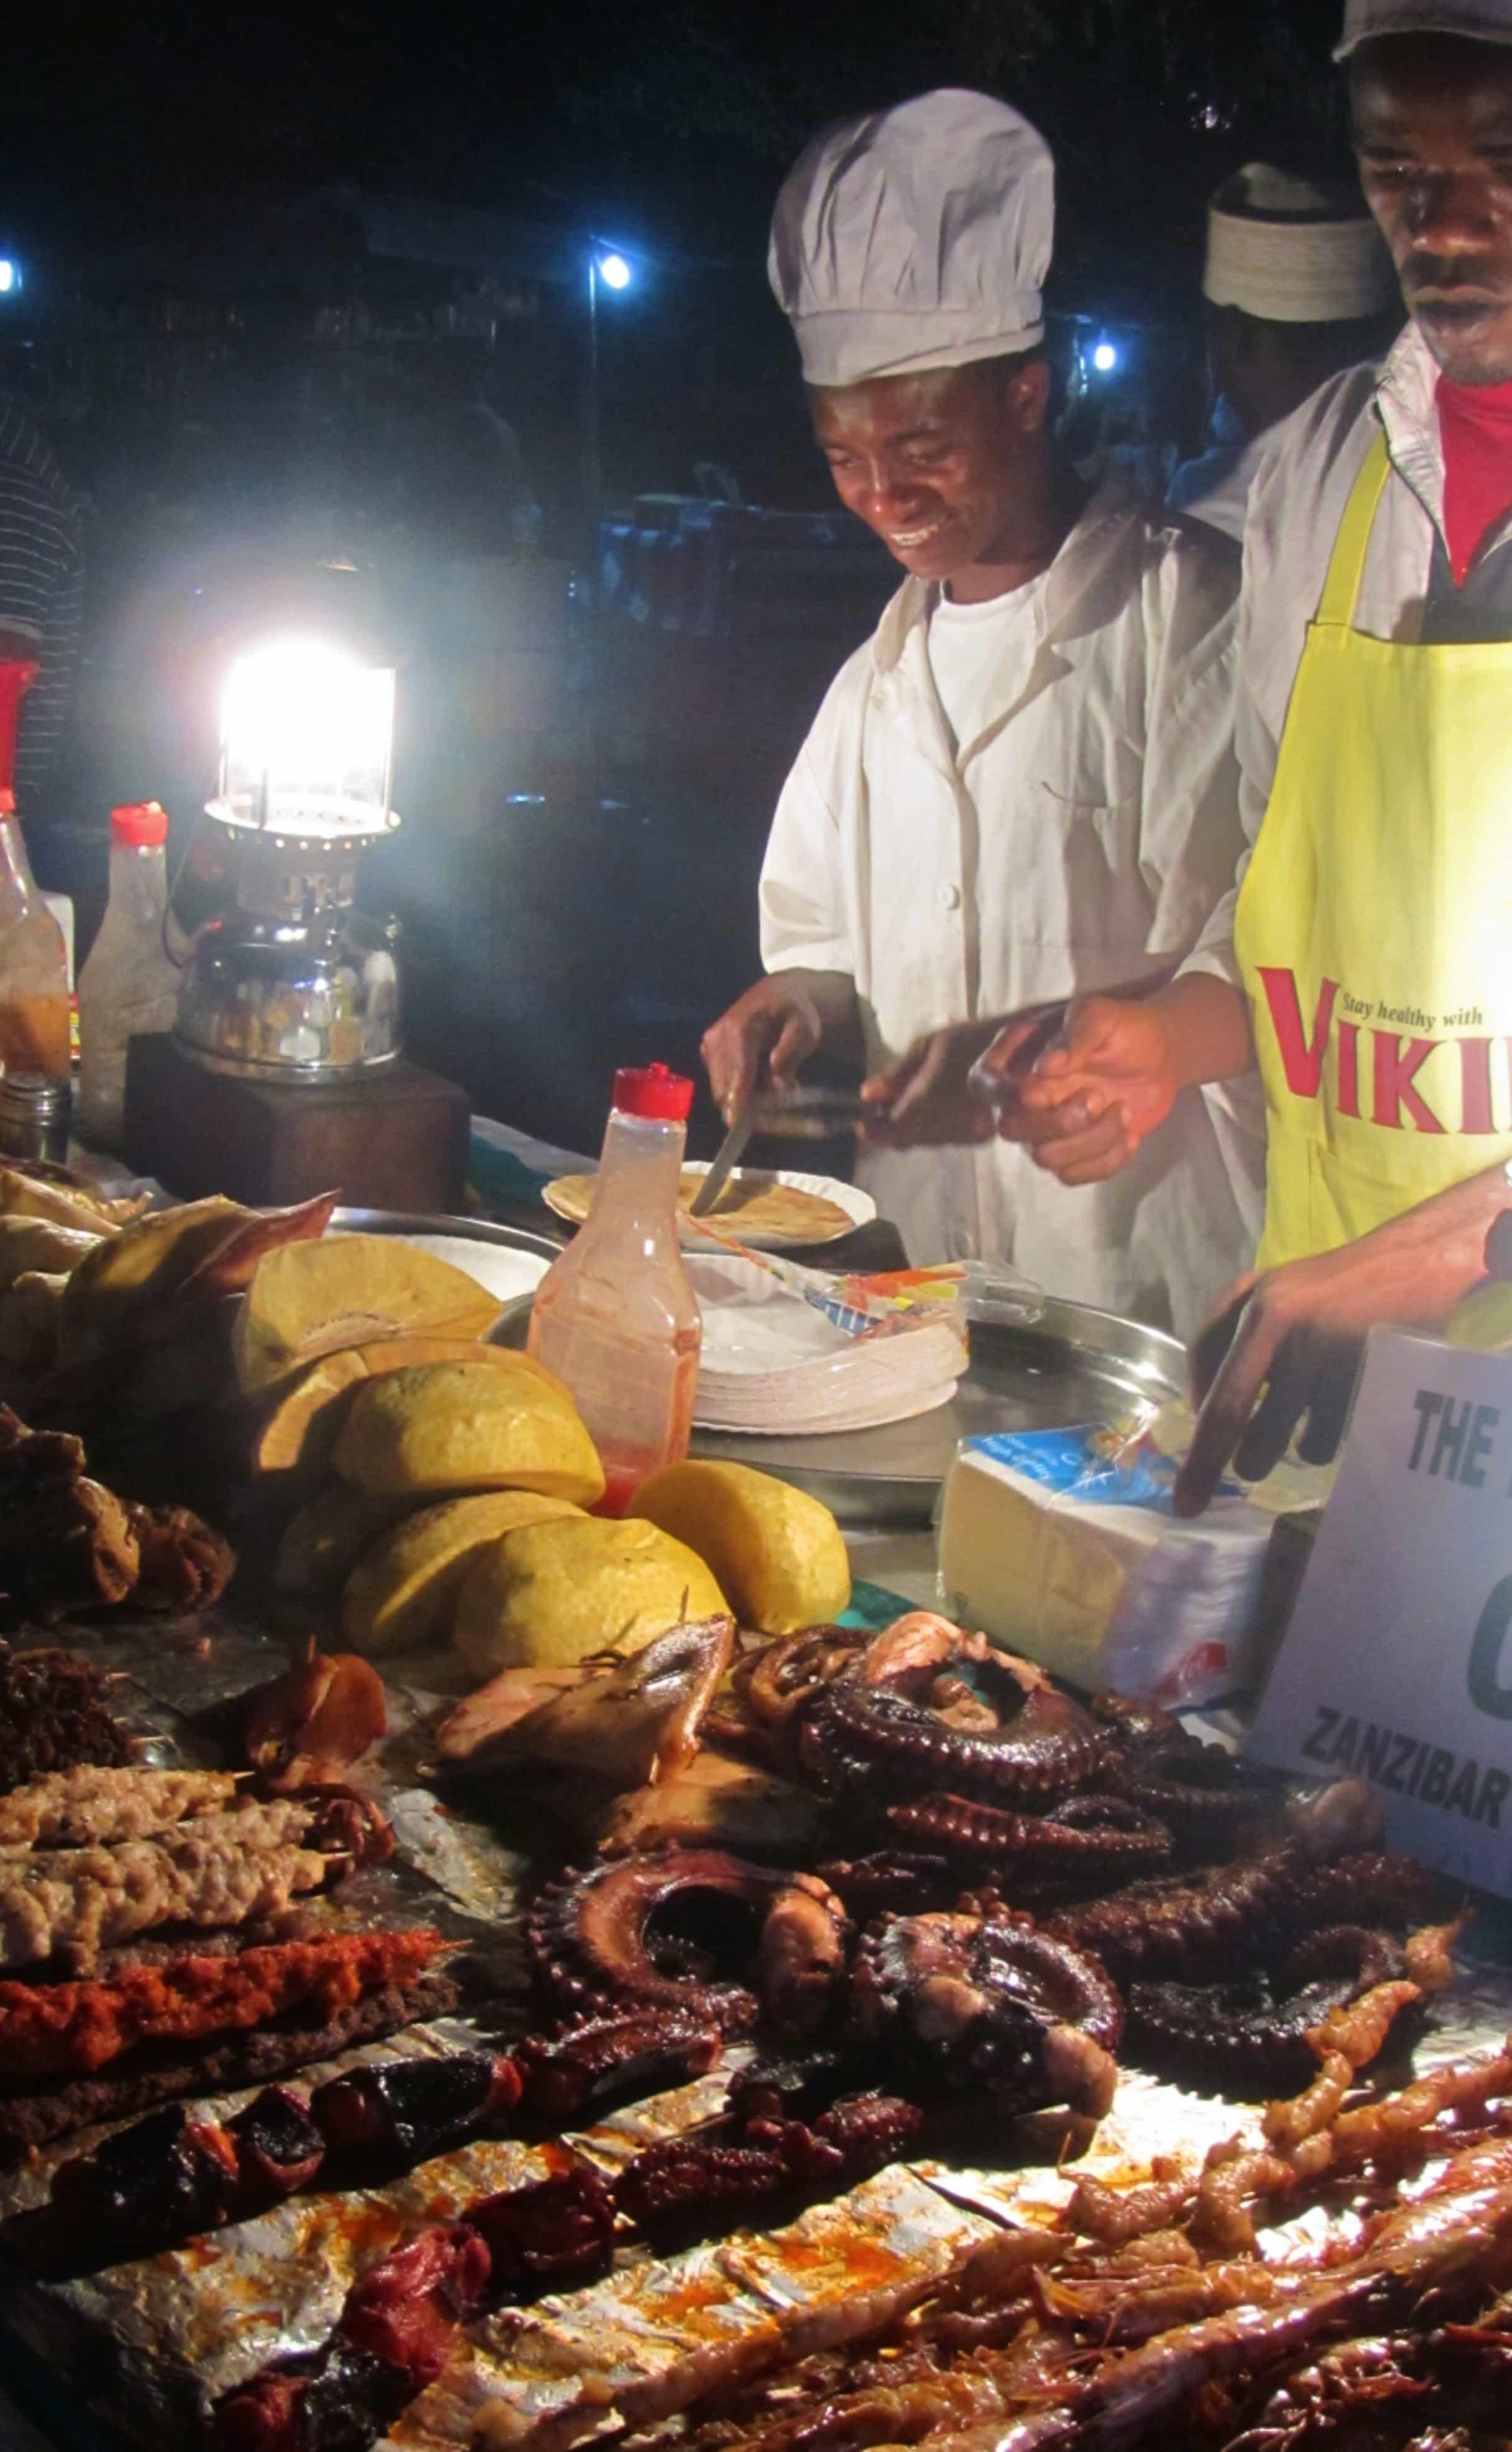 שוק הלילה בזנזיבר למטייל העצמאי